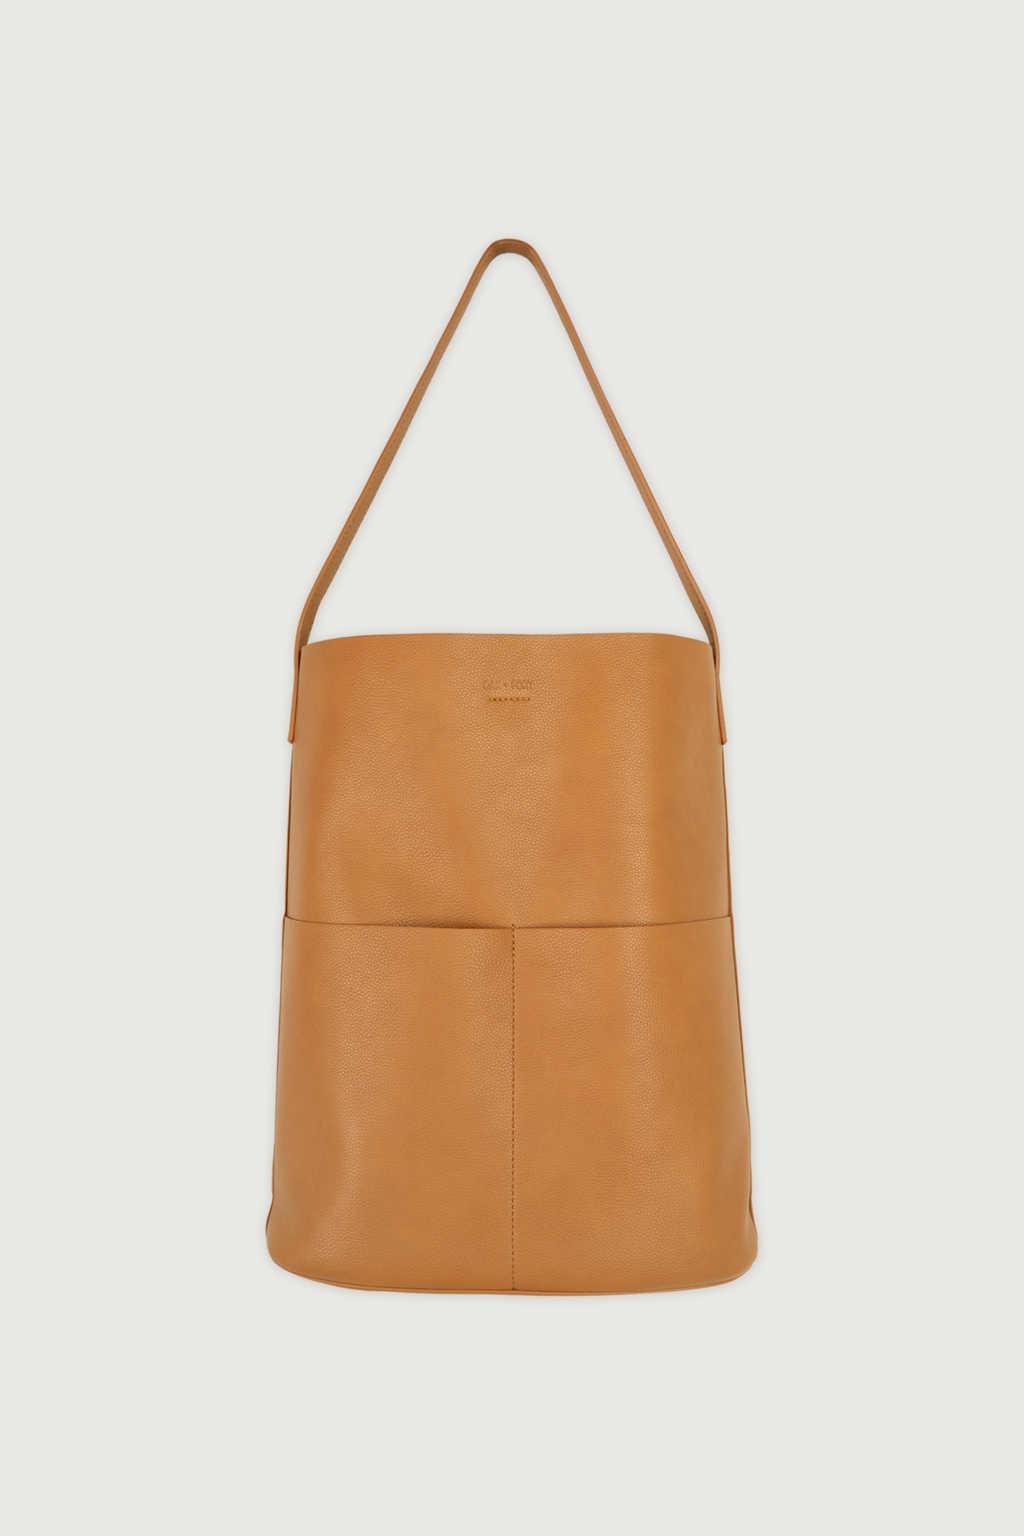 Bag 191320193 Tan 6